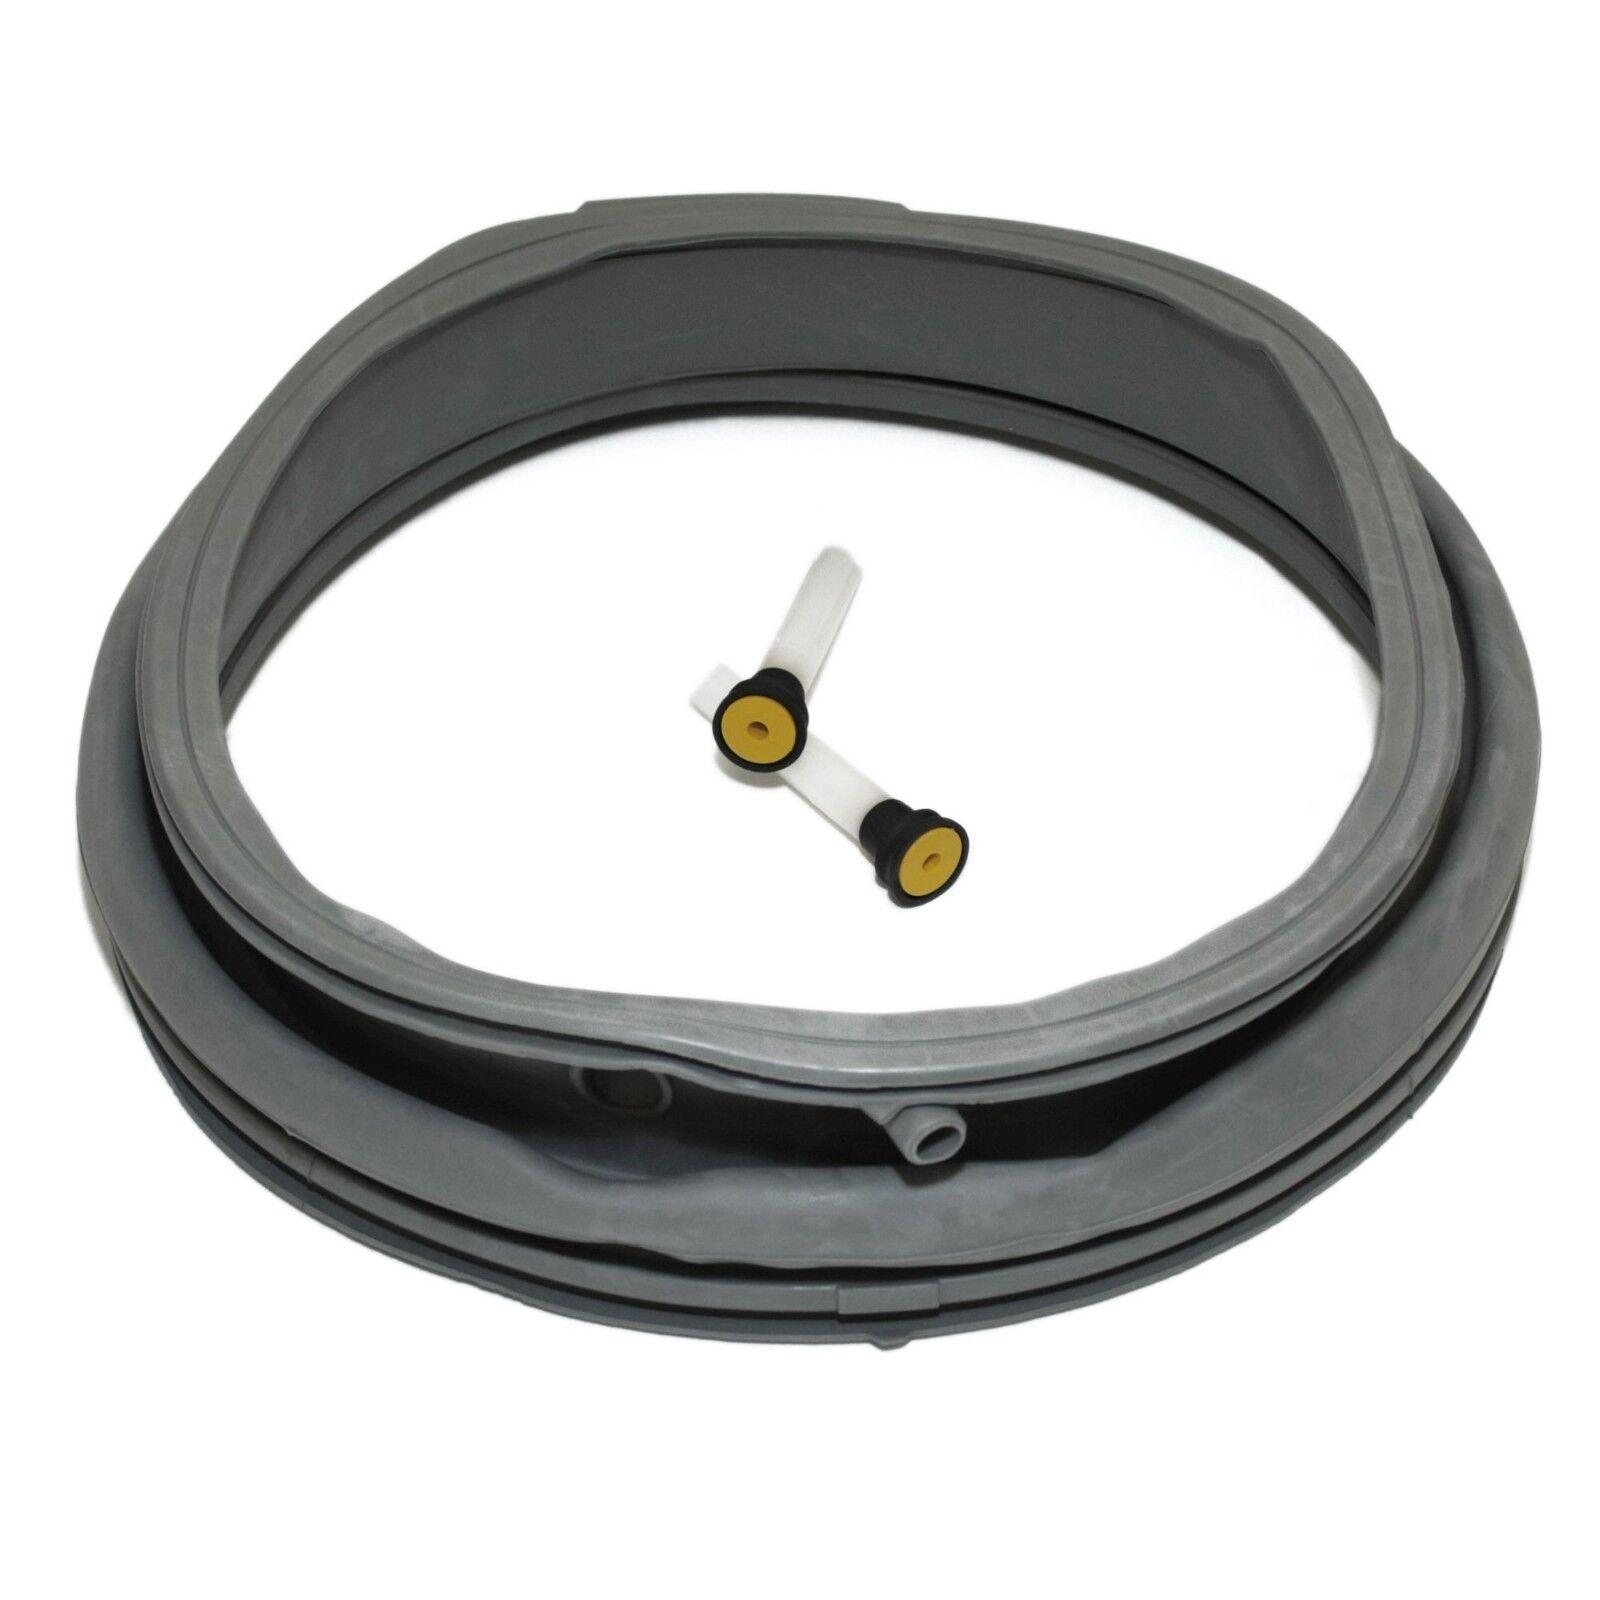 New Replacement Washer Door Gasket For Frigidaire 134515300 134741400 5304450475